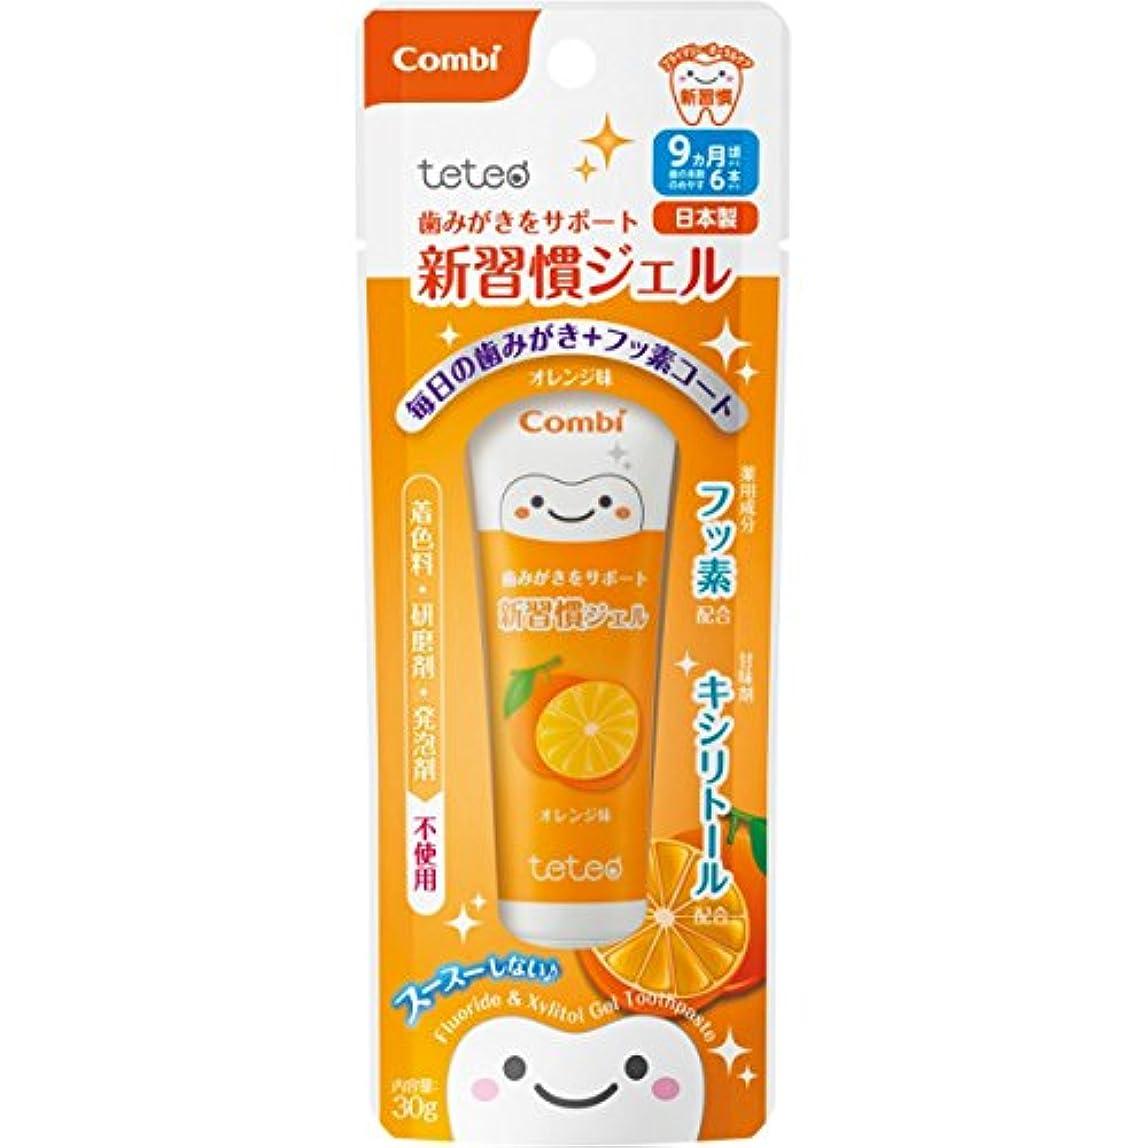 インクサスティーン所持【テテオ】歯みがきサポート 新習慣ジェル オレンジ味 30g×3個